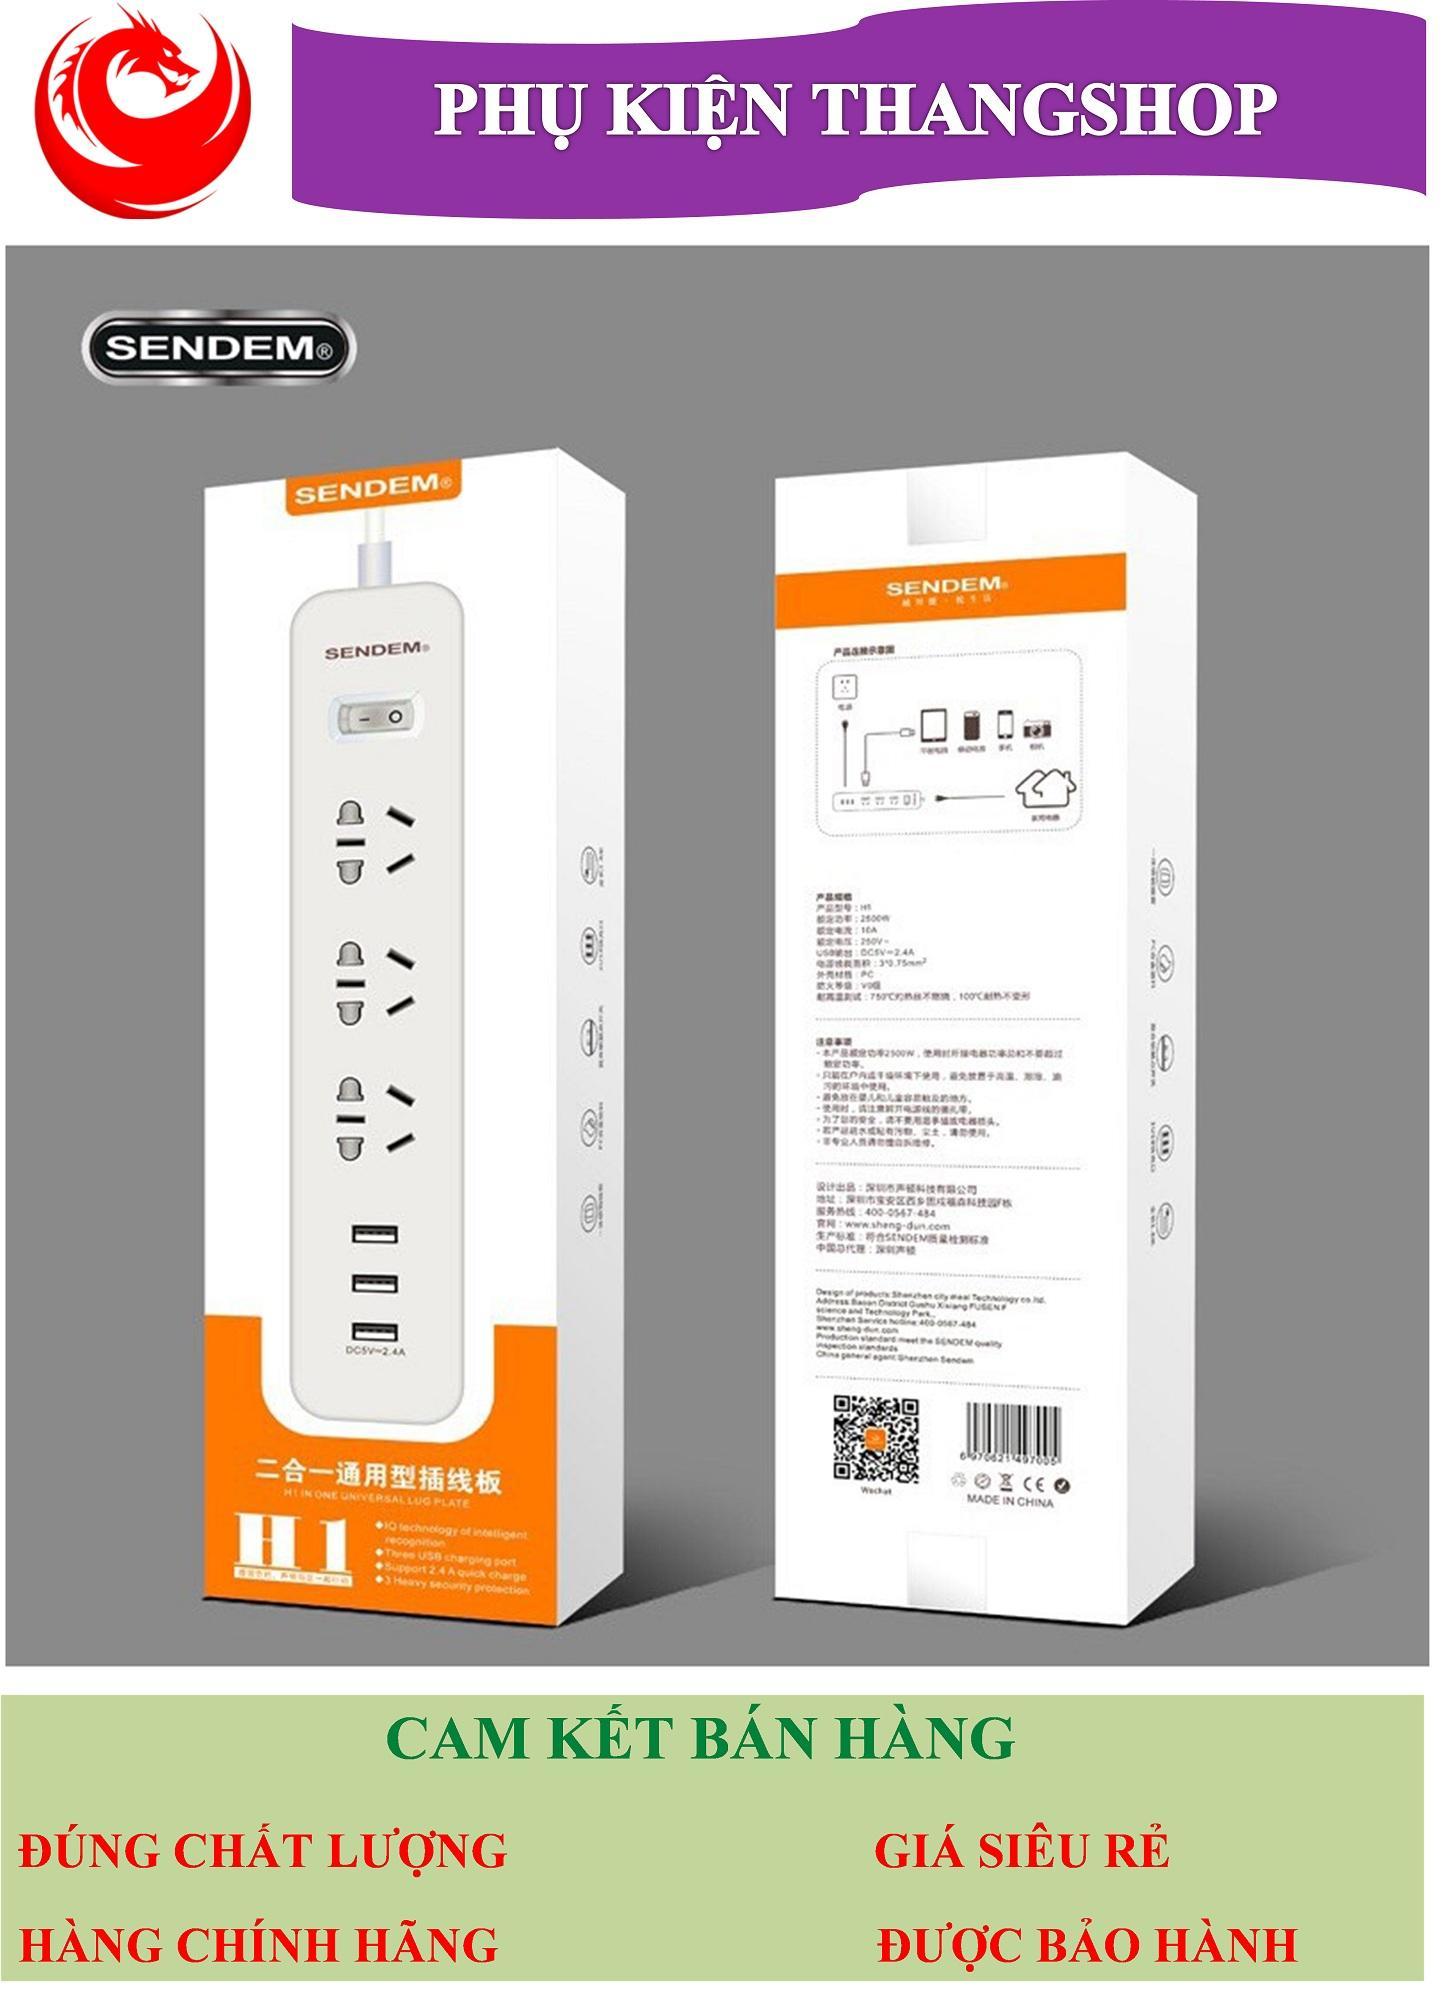 Ổ Cắm Điện Đa Năng Sendem H1 - Dùng làm ổ điện gia đình và tích hợp 3 cổng USB Bảo hành 1 năm 1 đổi 1